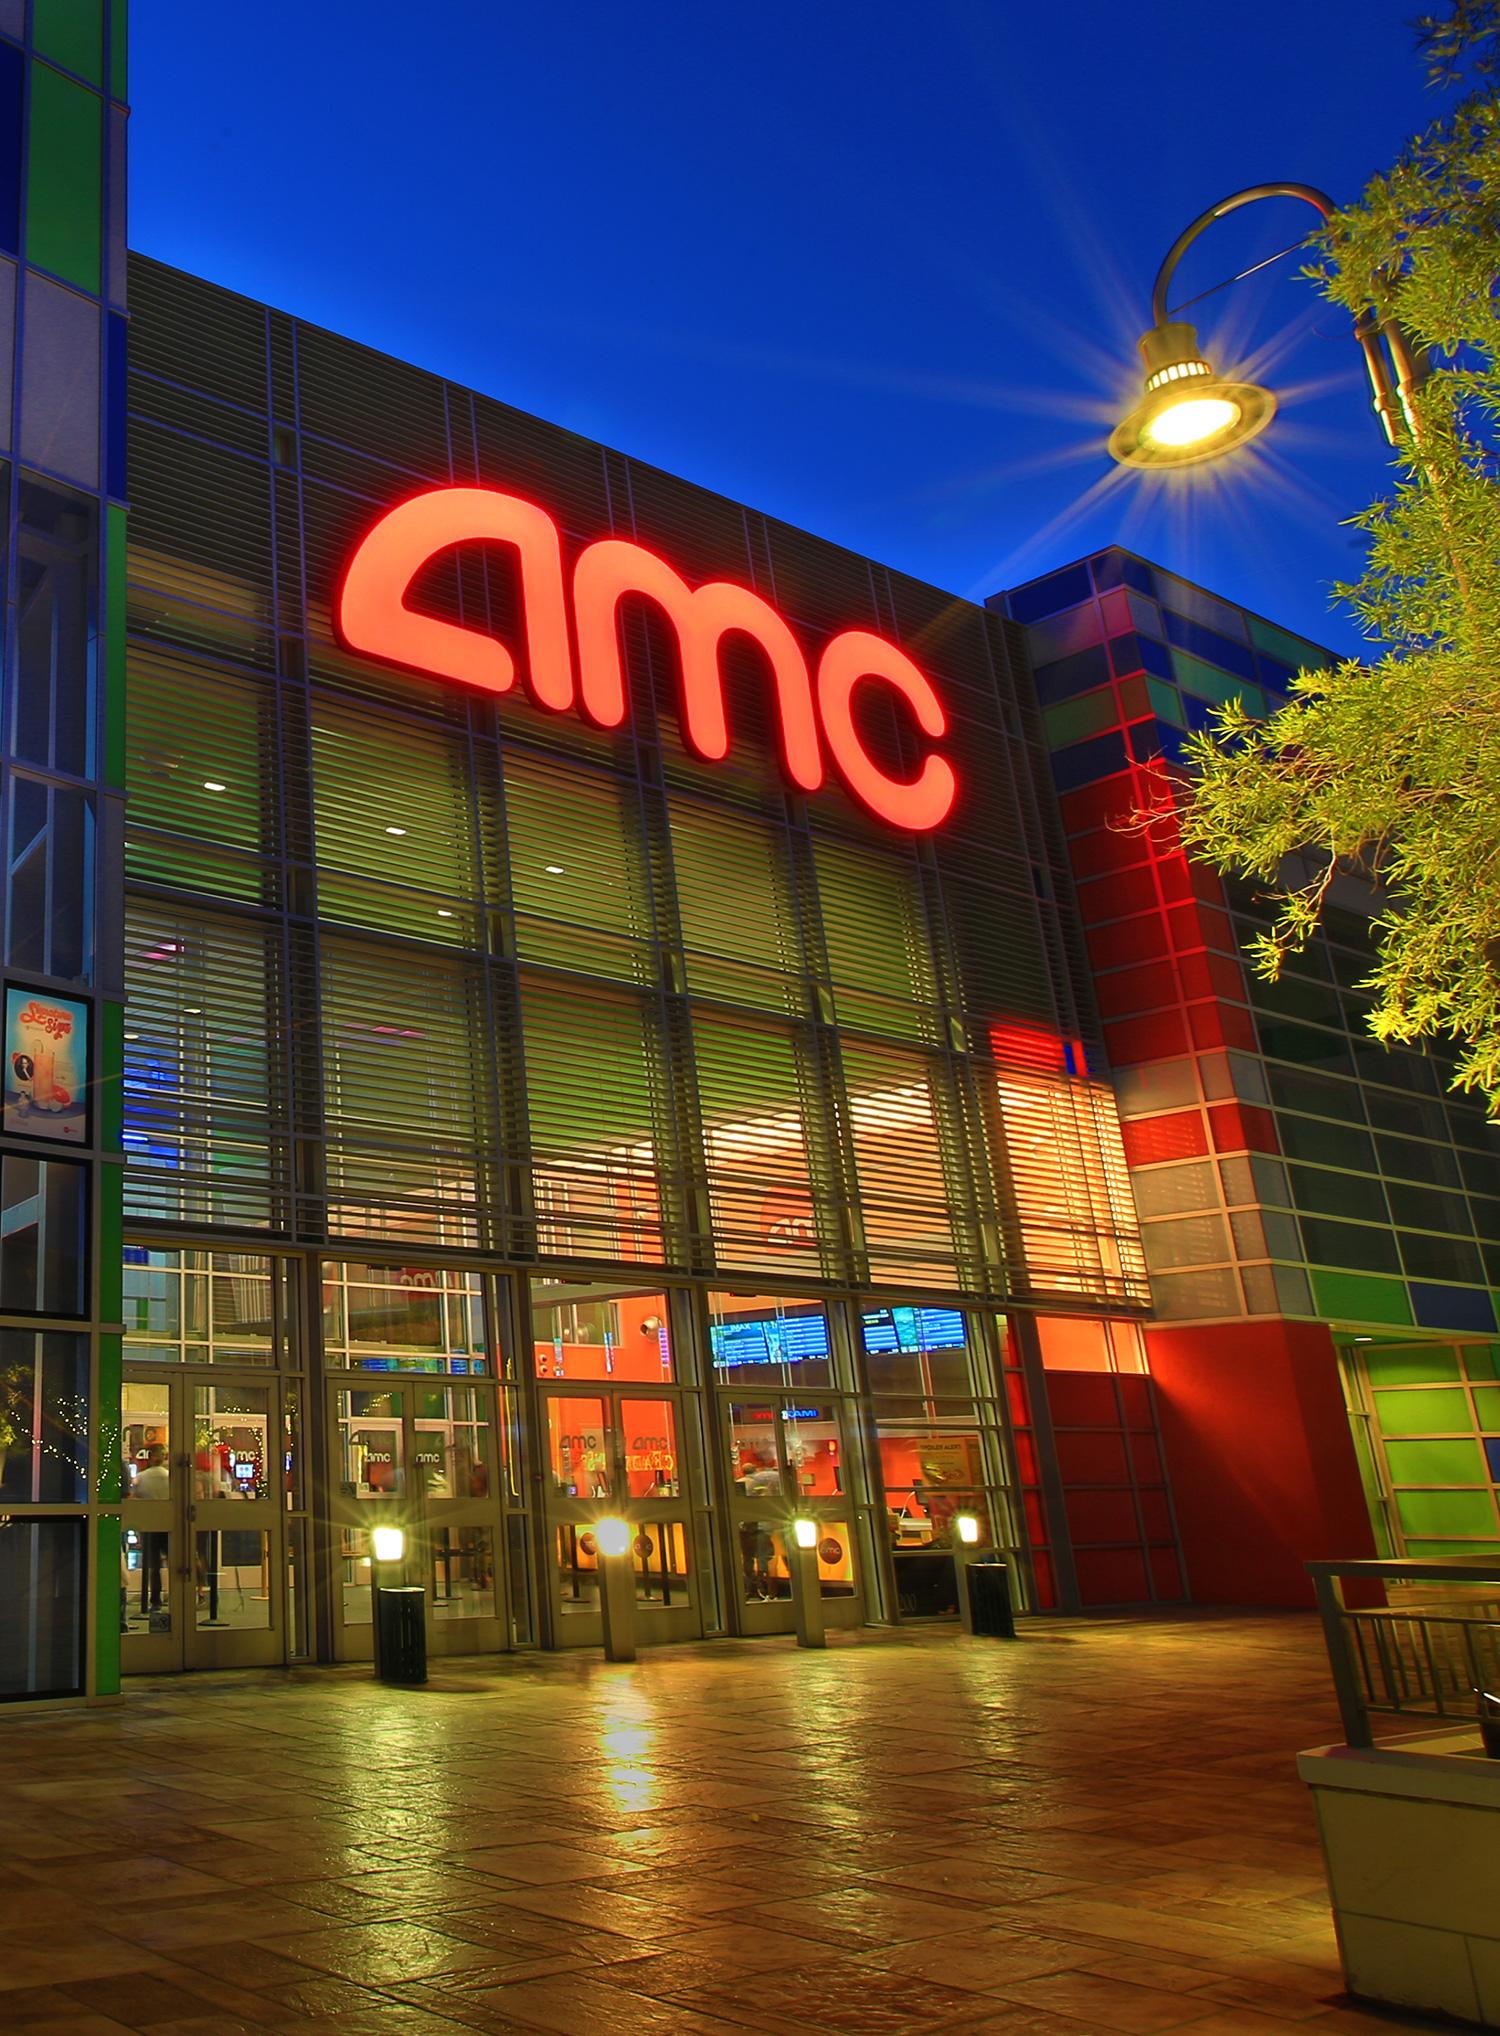 Amc Town Square 18 Las Vegas Nevada 89119 Amc Theatres